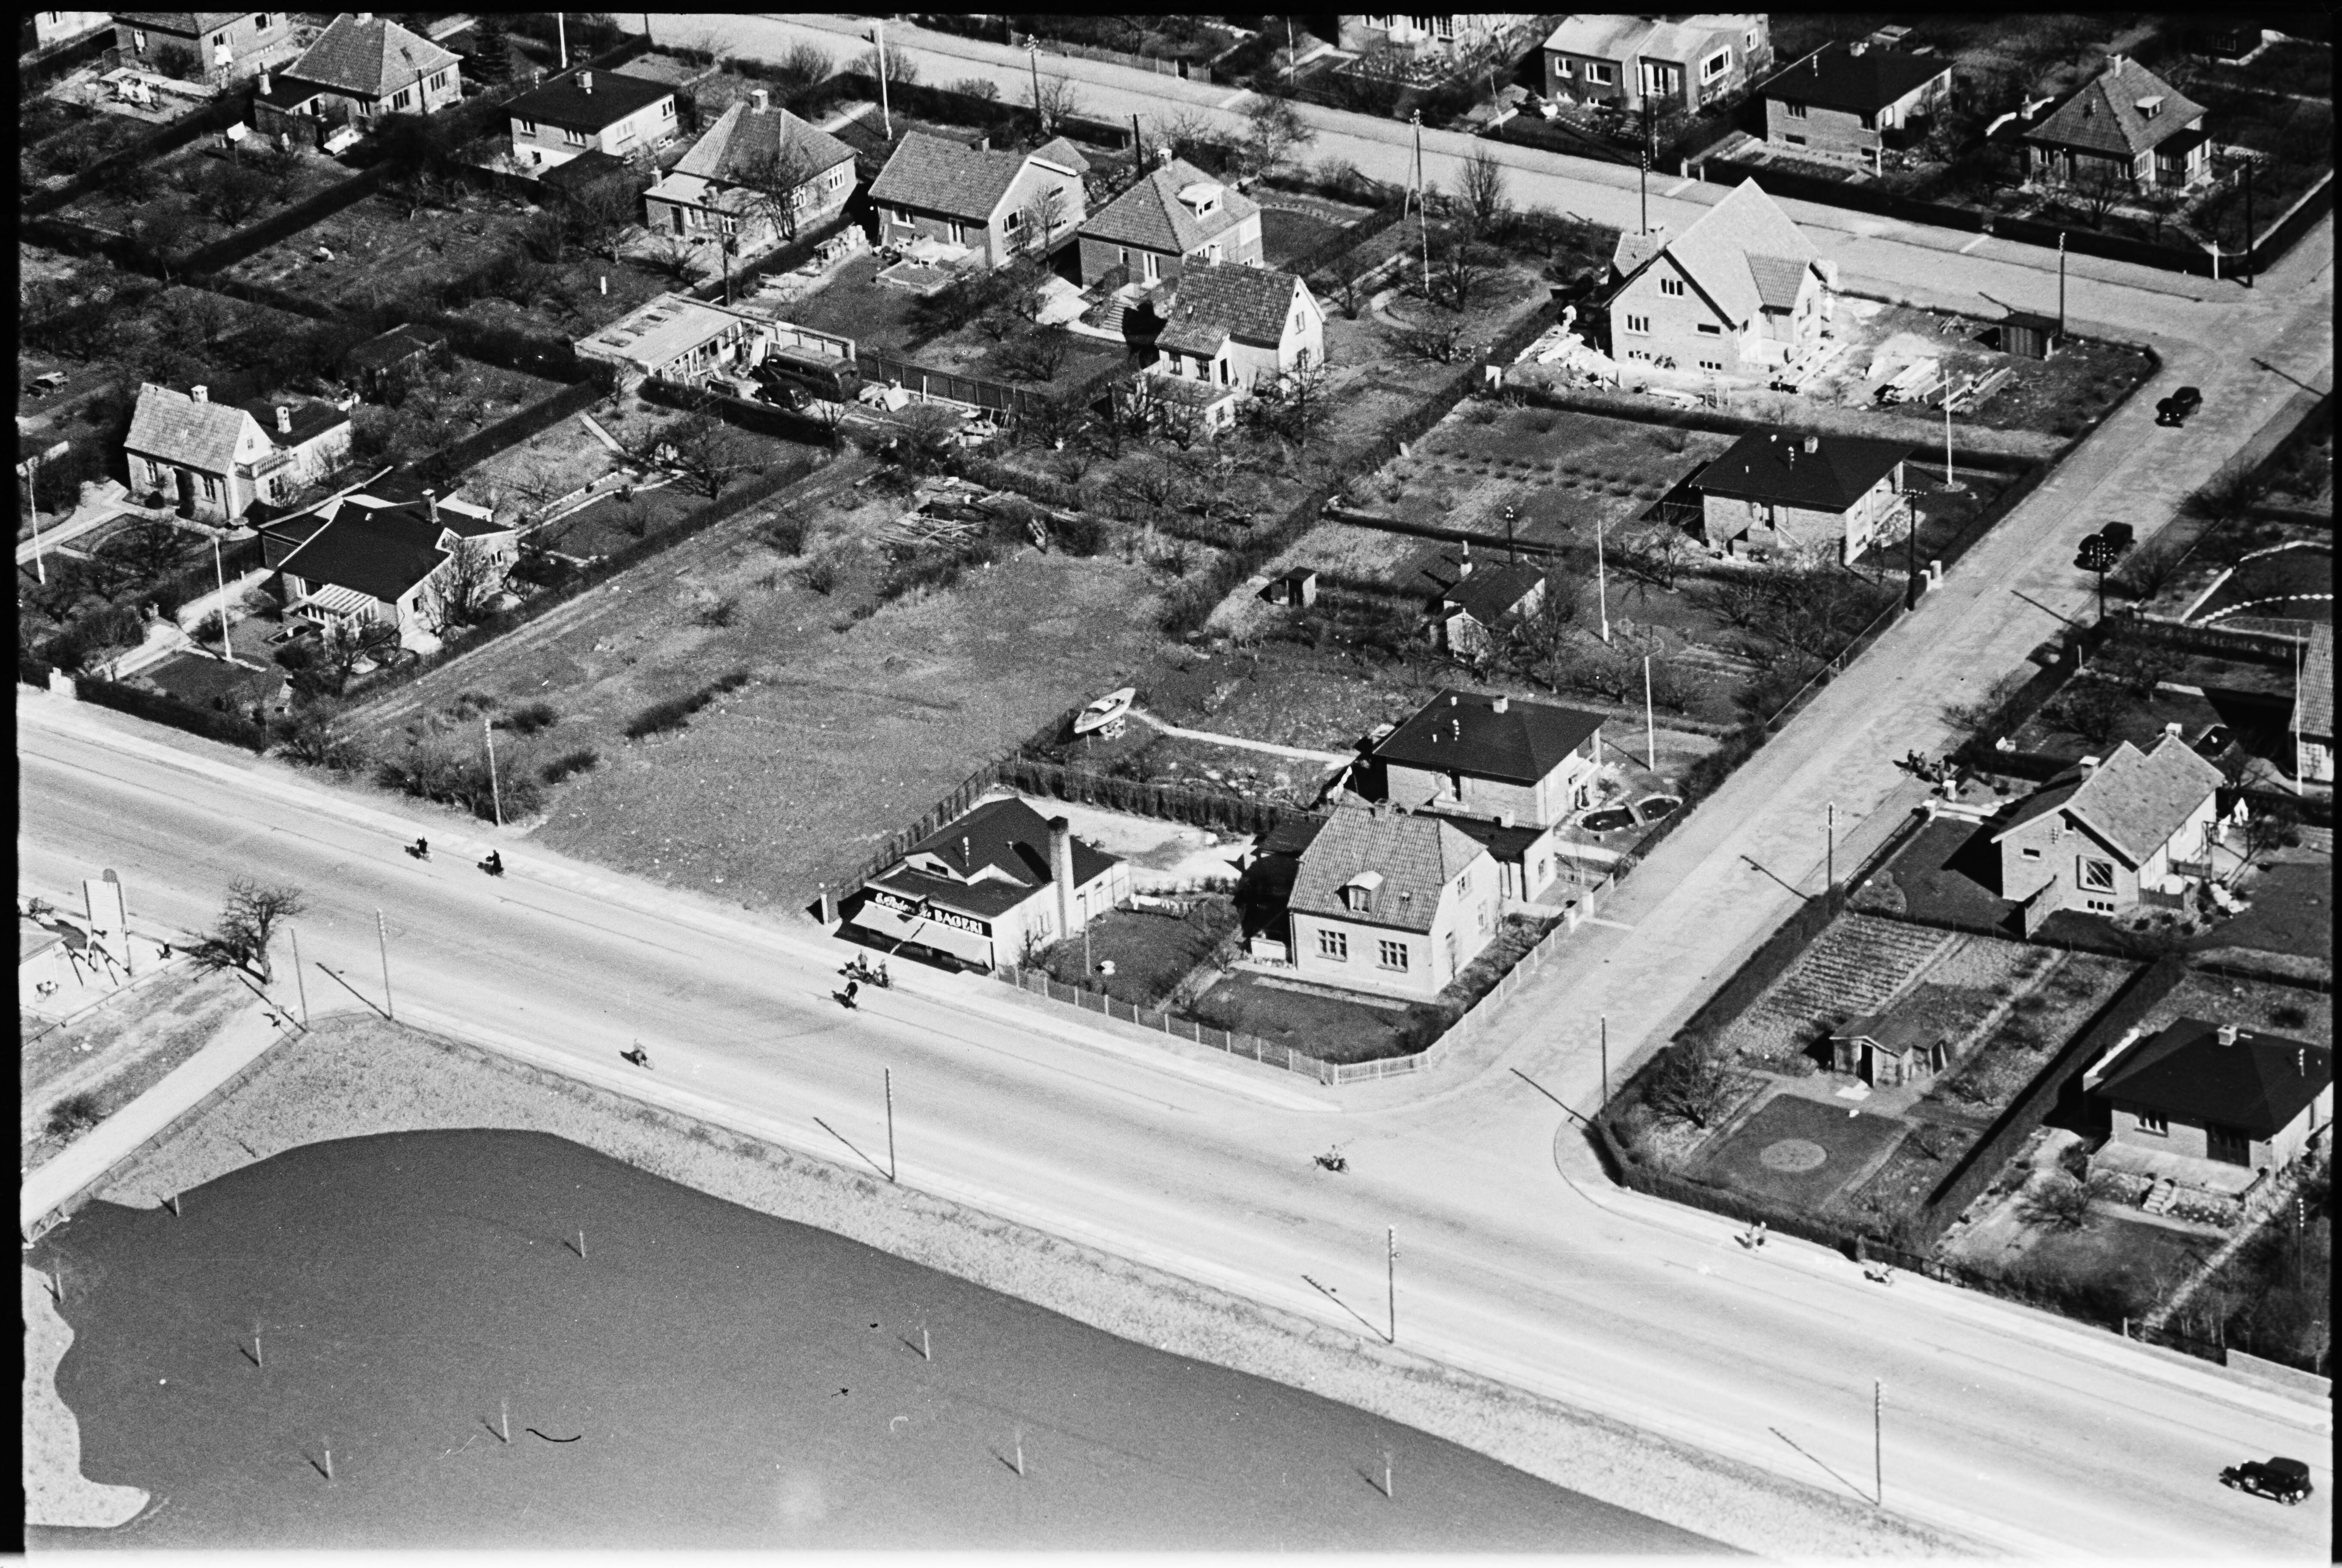 Skråfoto fra 1950-1954 taget 448 meter fra Bjeverskov Alle 29